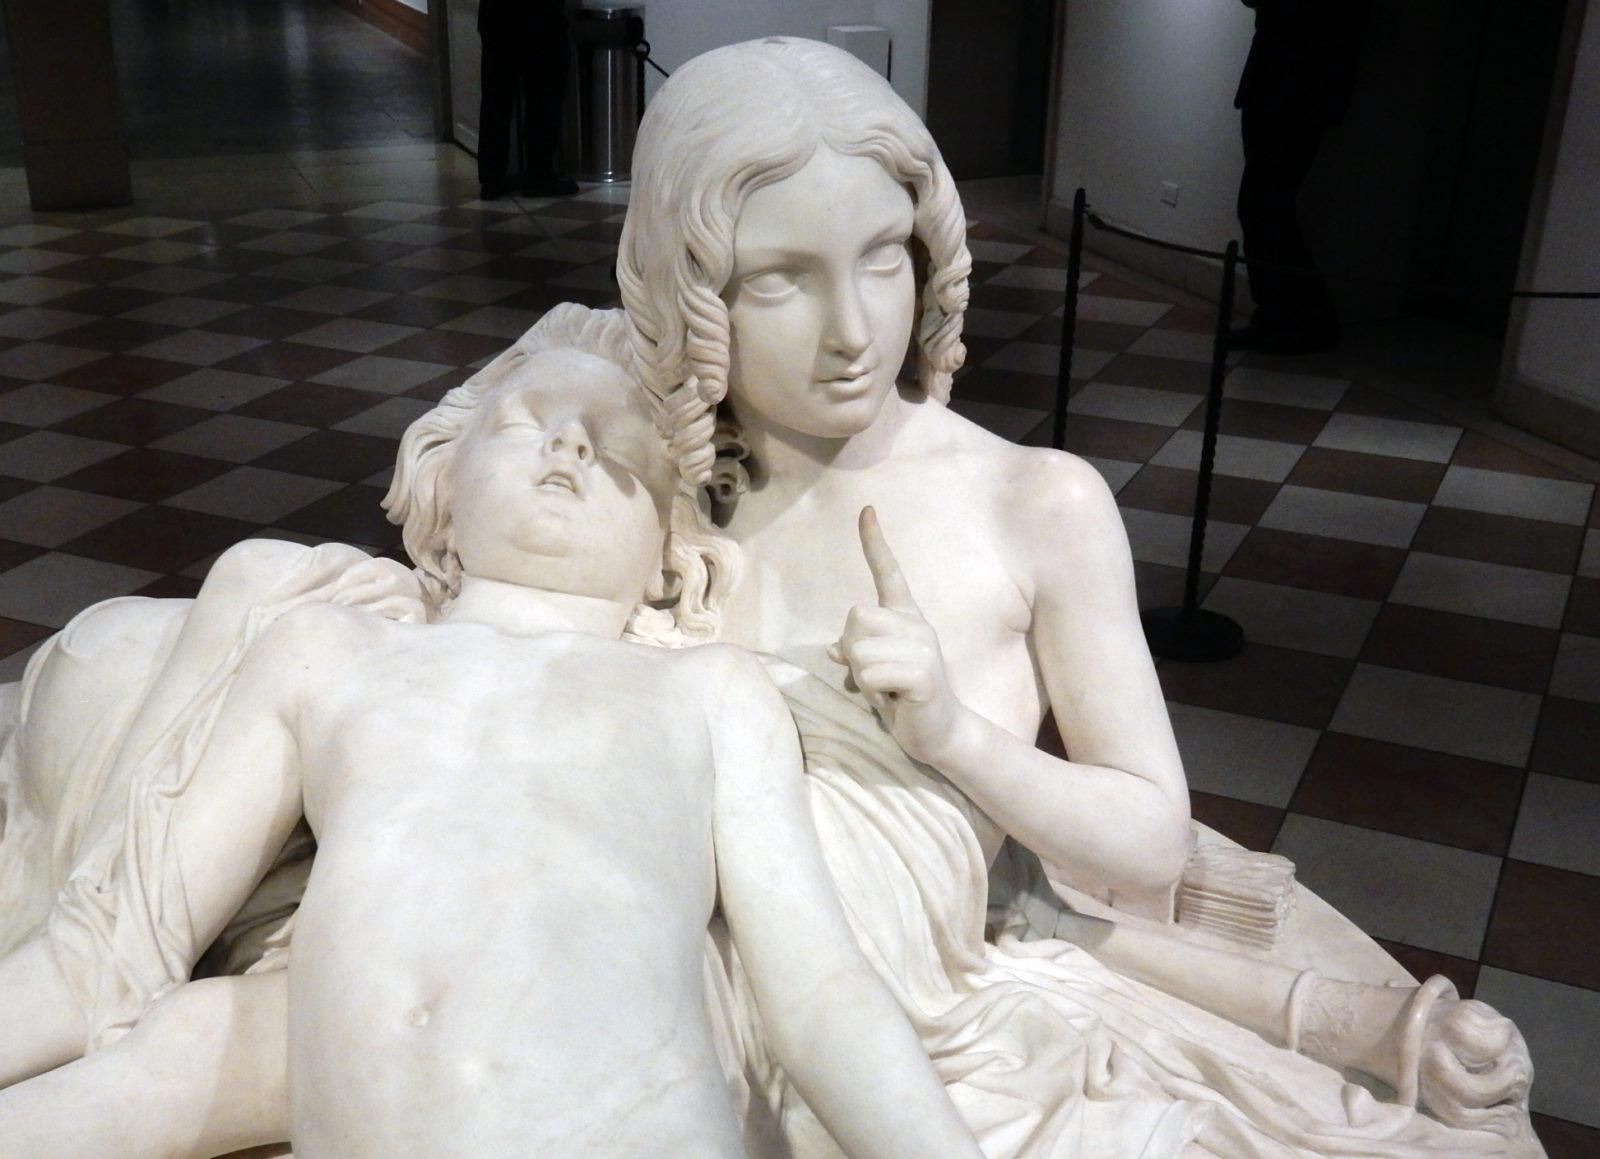 Metropolitan Museum: márciustól kötelező lesz az eddig csak ajánlott belépődíj